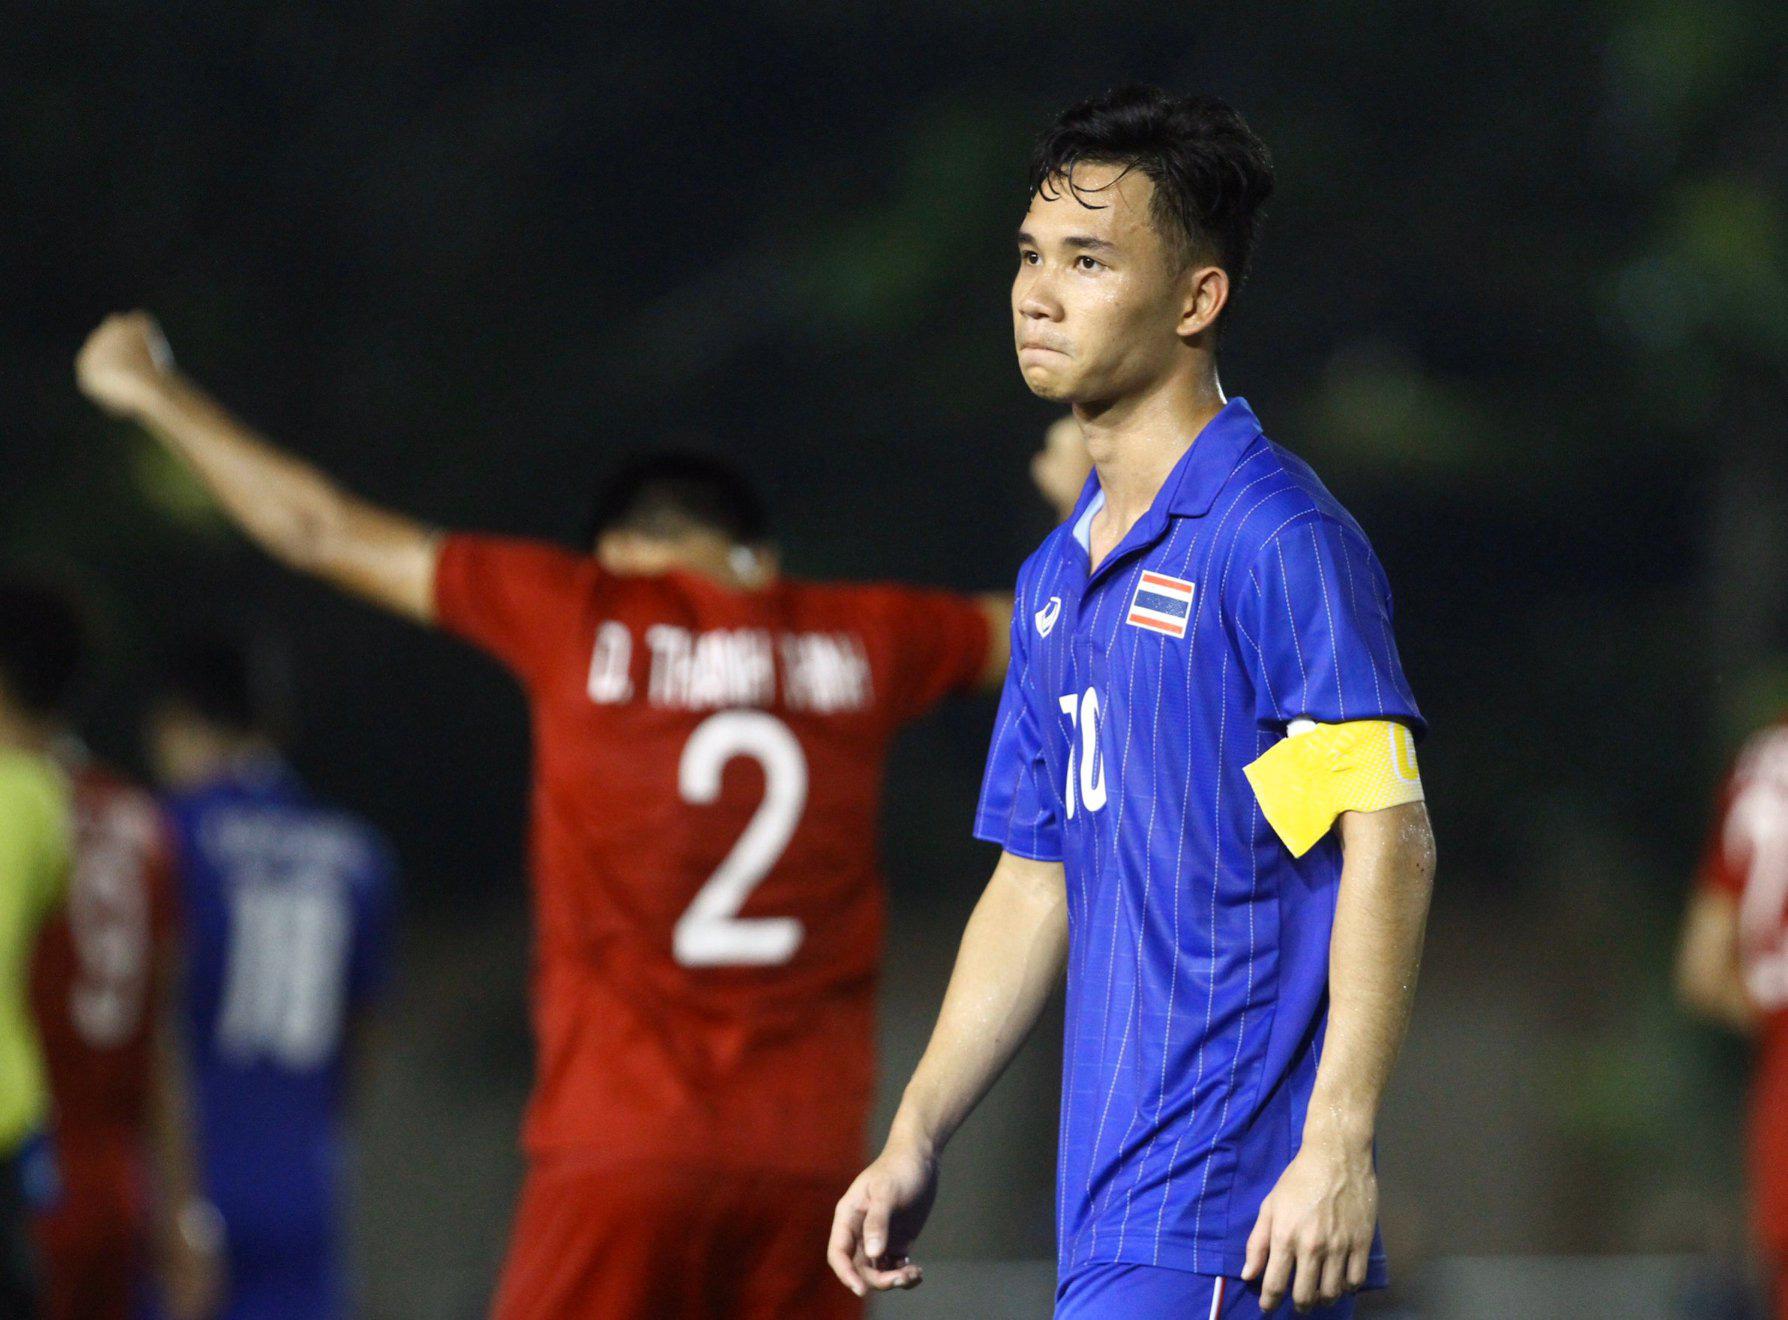 Đội nhà bị loại sớm, danh thủ người Thái buồn bã than thở: U22 Việt Nam đi tiếp vì sử dụng cầu thủ quá tuổi - Ảnh 3.